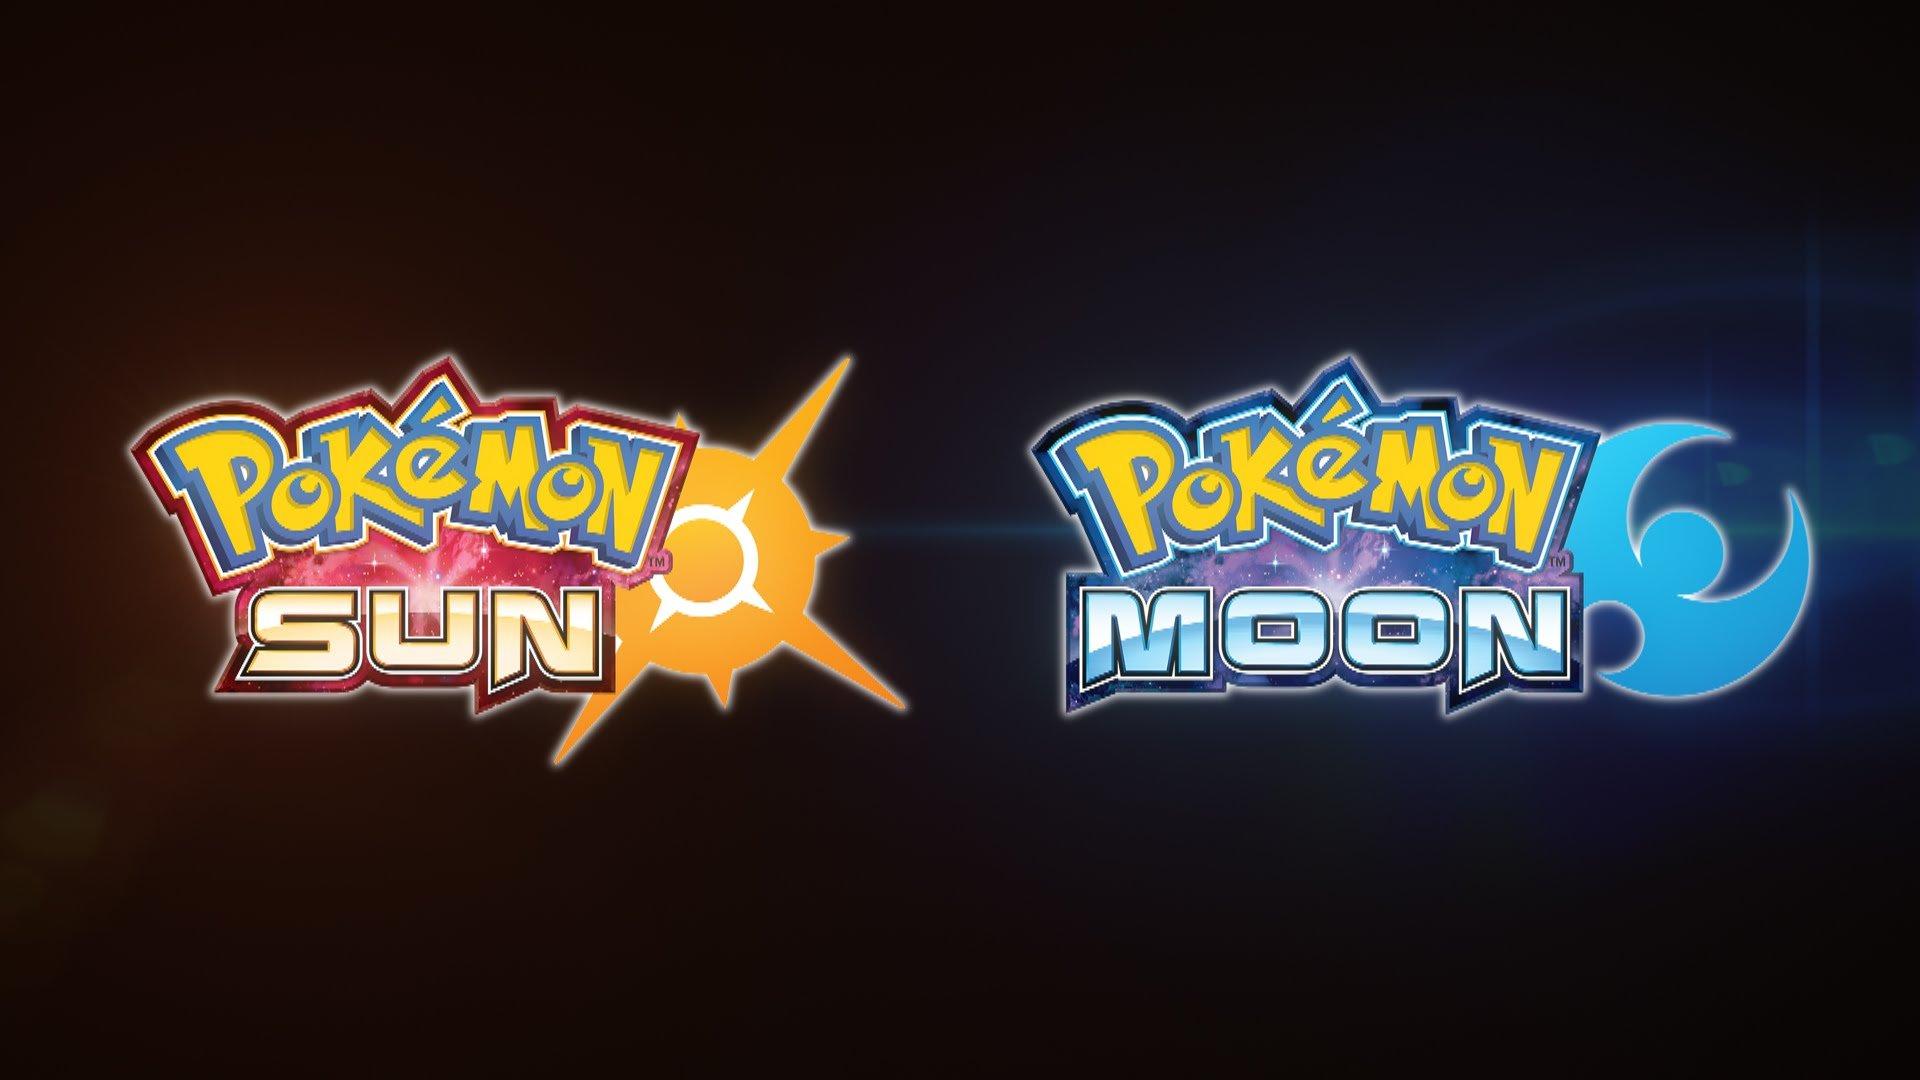 Pokemon Sun & Moon Amazon Best-Selling Holday 2016